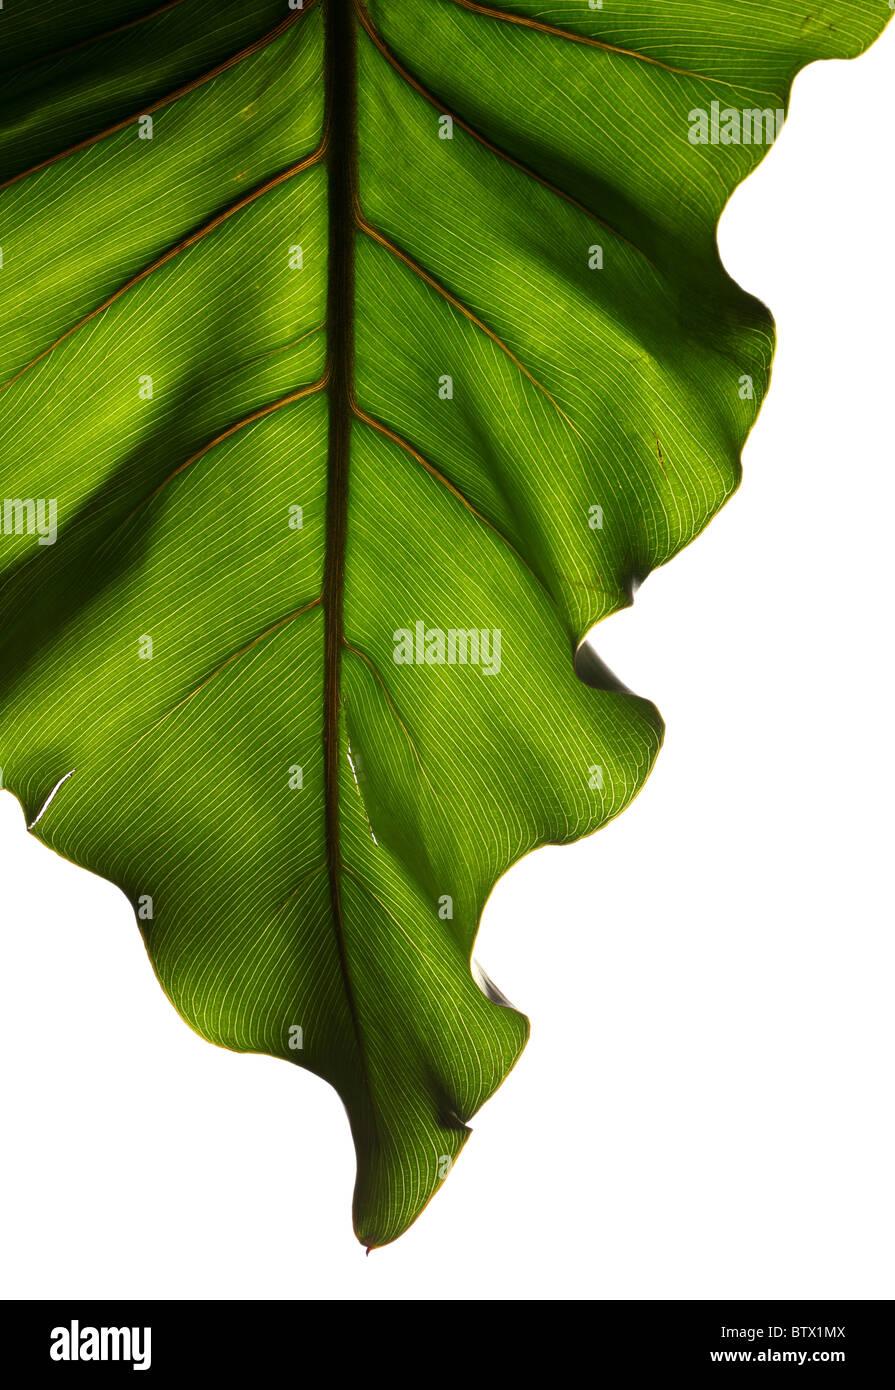 Pianta verde foglie con struttura forte su sfondo bianco Immagini Stock